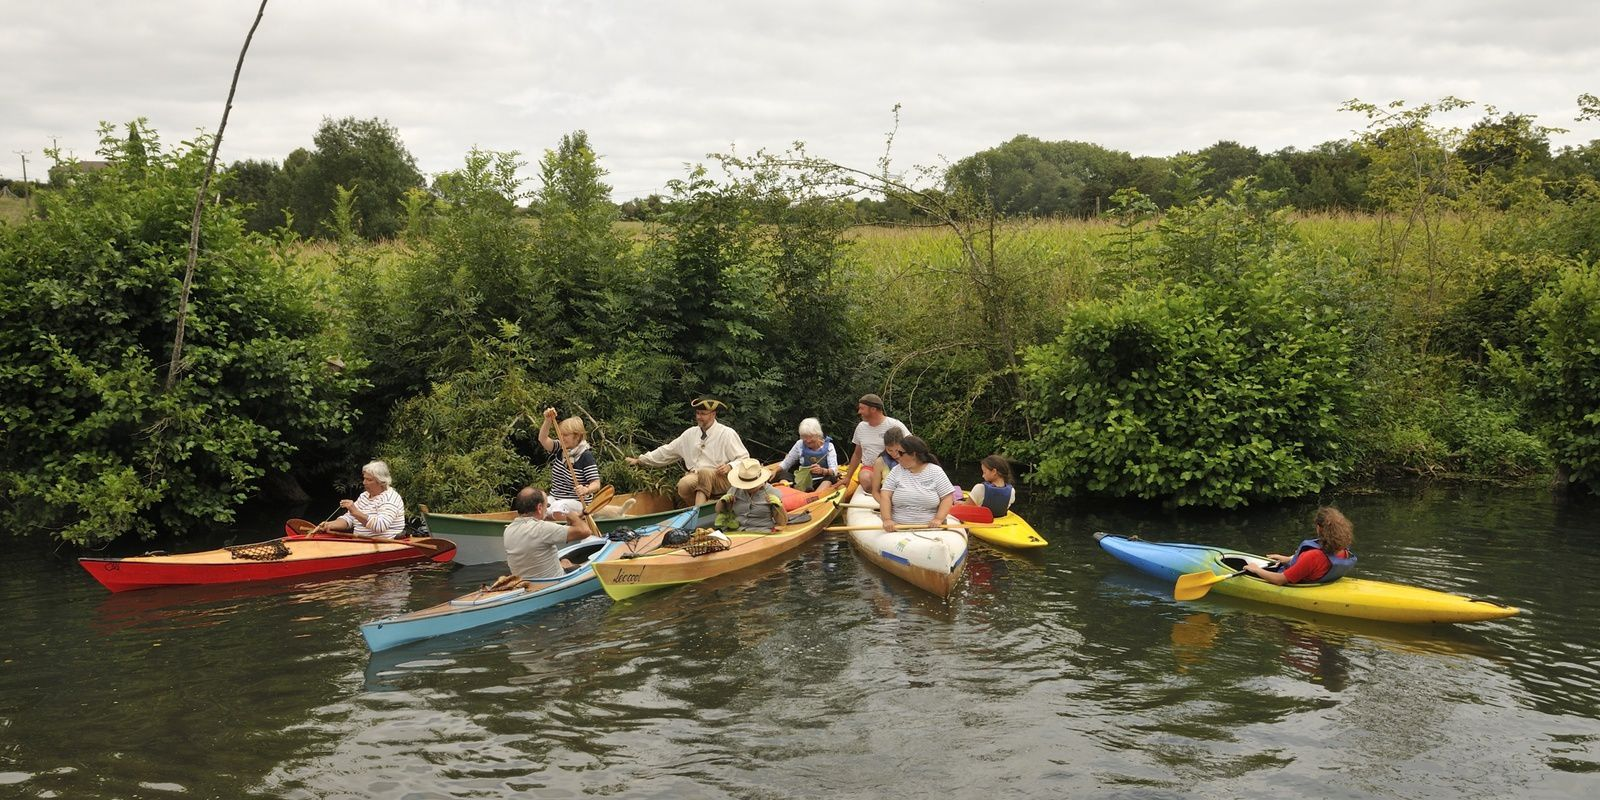 la Sèvre Niortaise, en kayak et canoë le 16 août